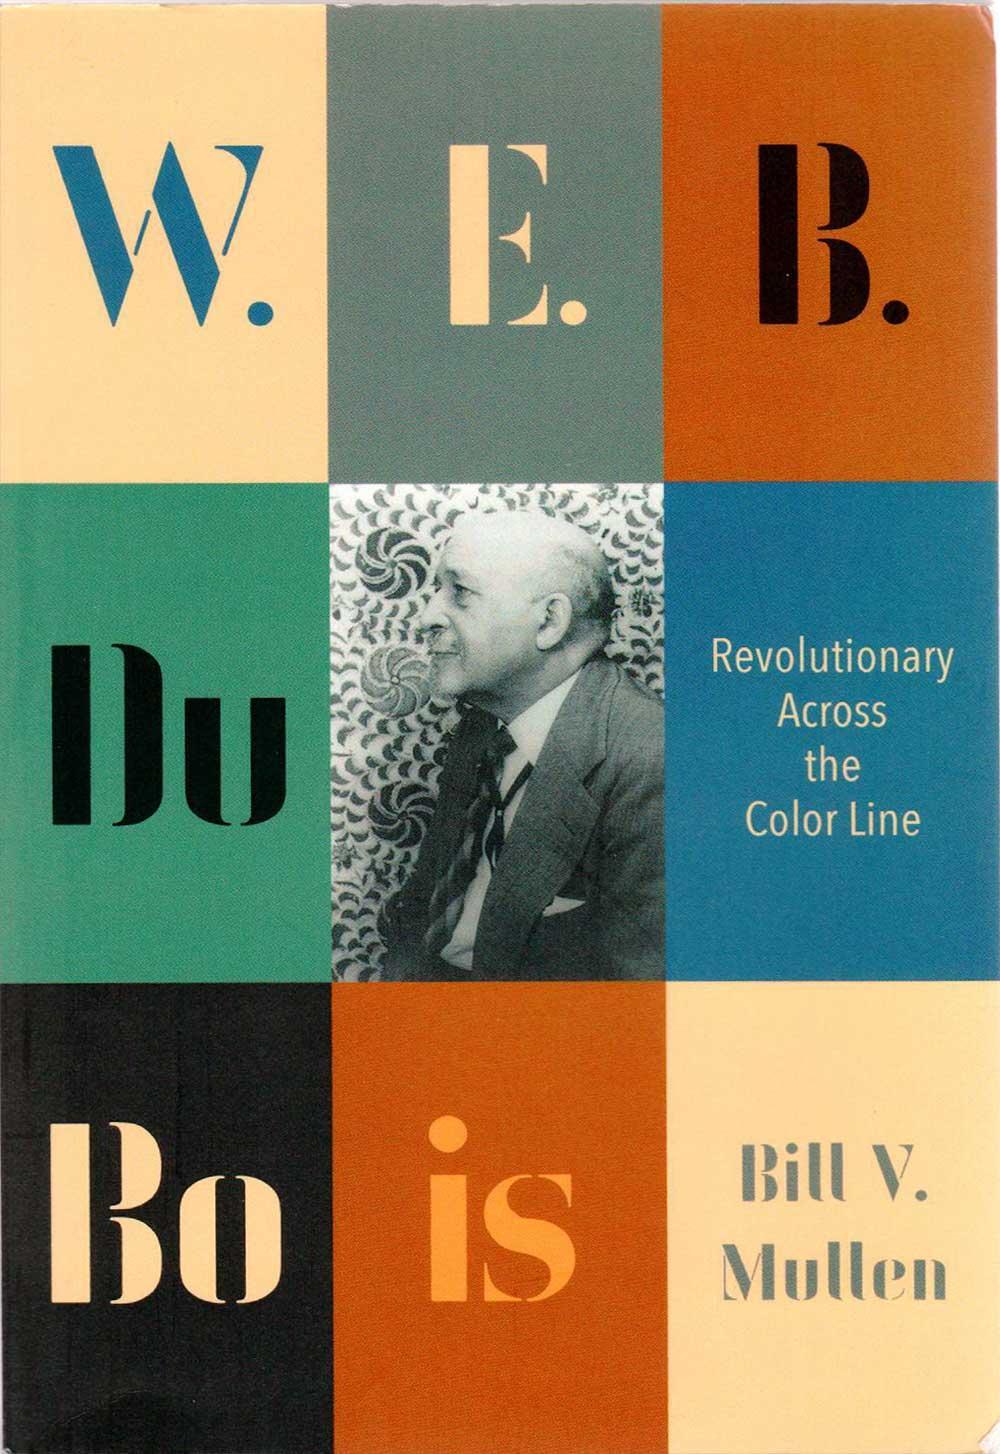 mullen-book-cover3-dubois-1000px (1).jpg